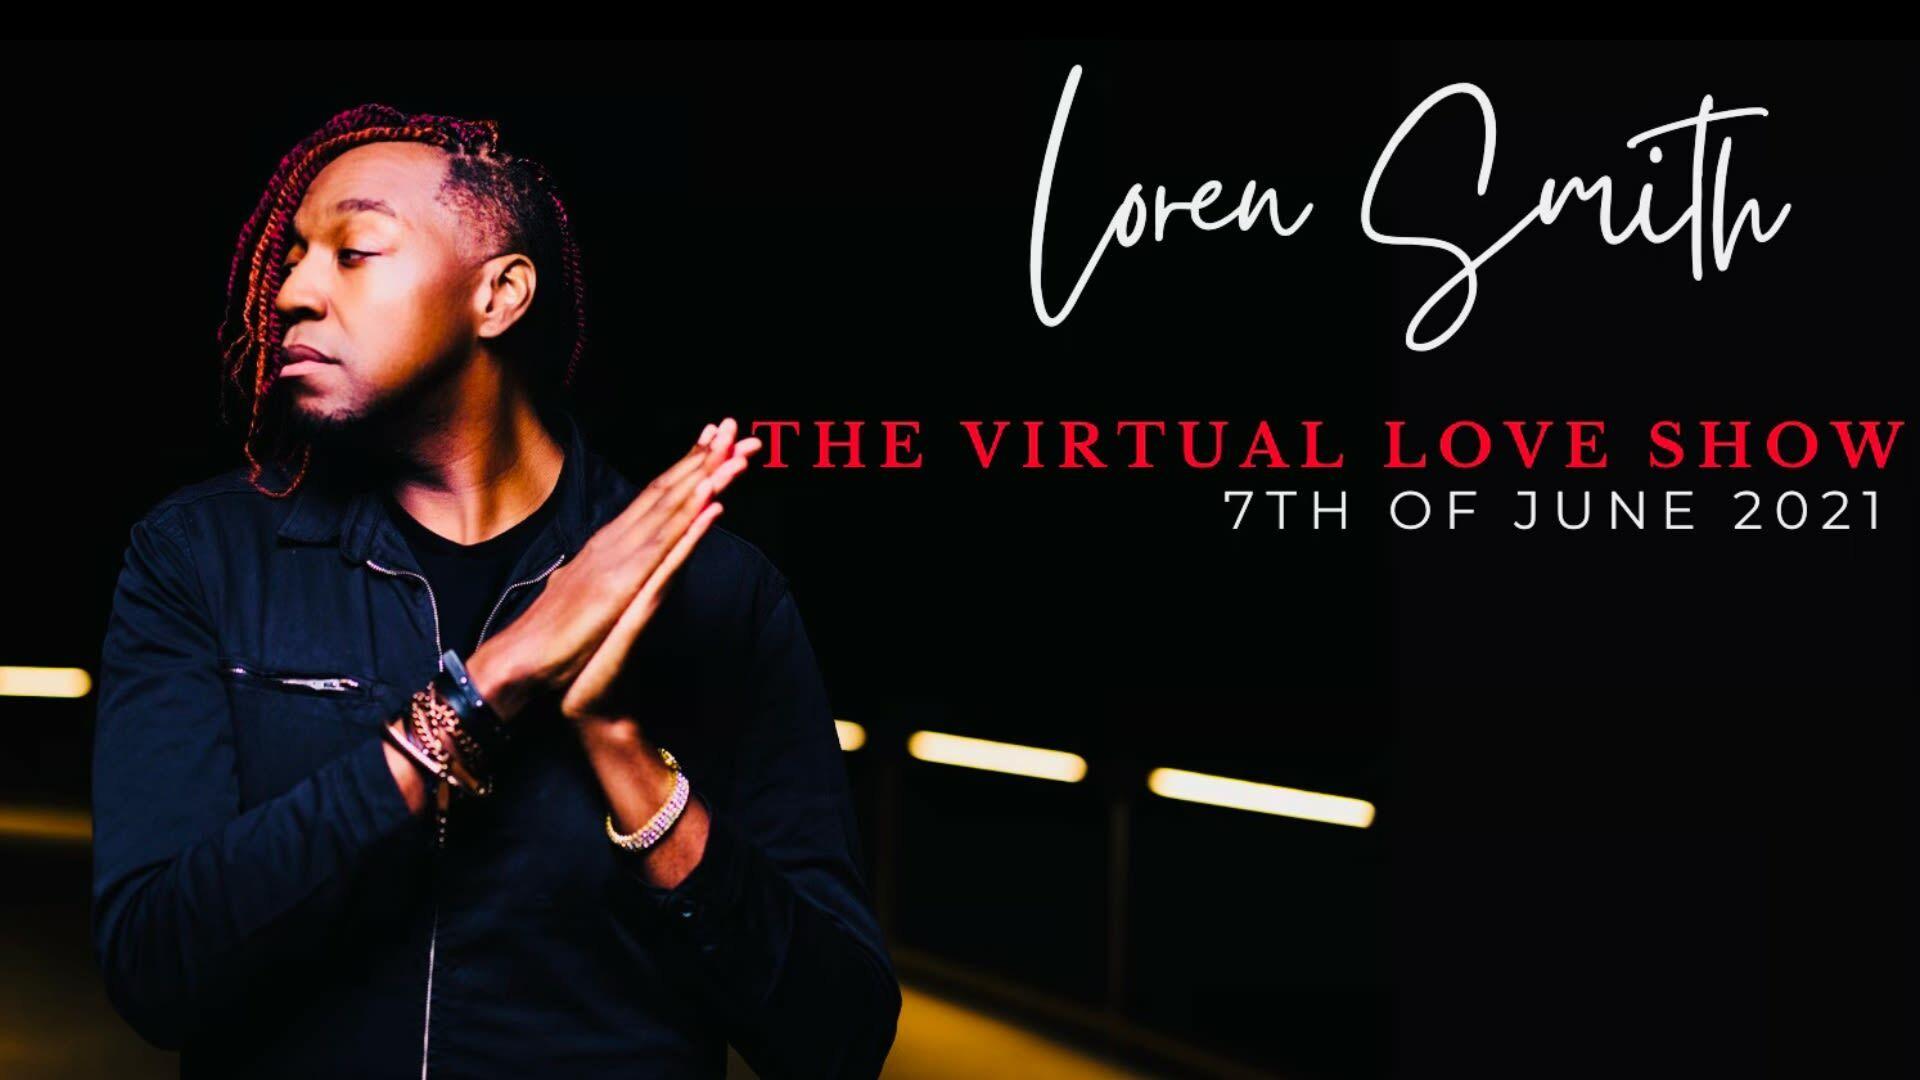 Loren Smith